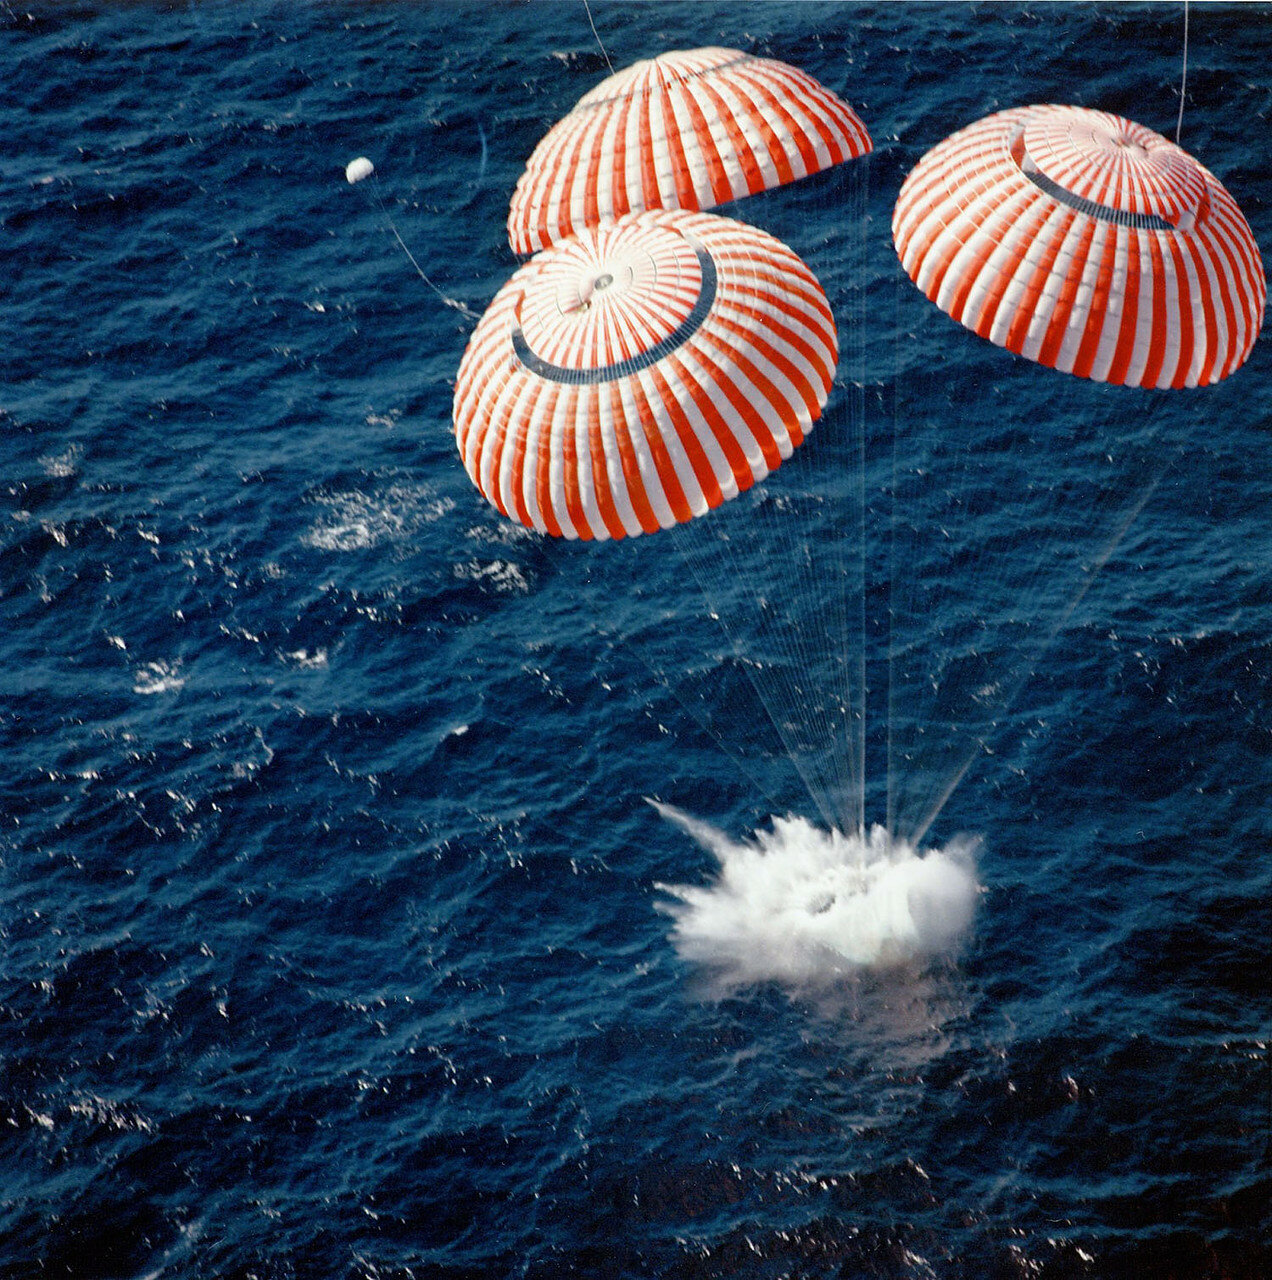 Завершающий этап посадки от раскрытия вспомогательных тормозных парашютов до приводнения транслировался по телевидению.